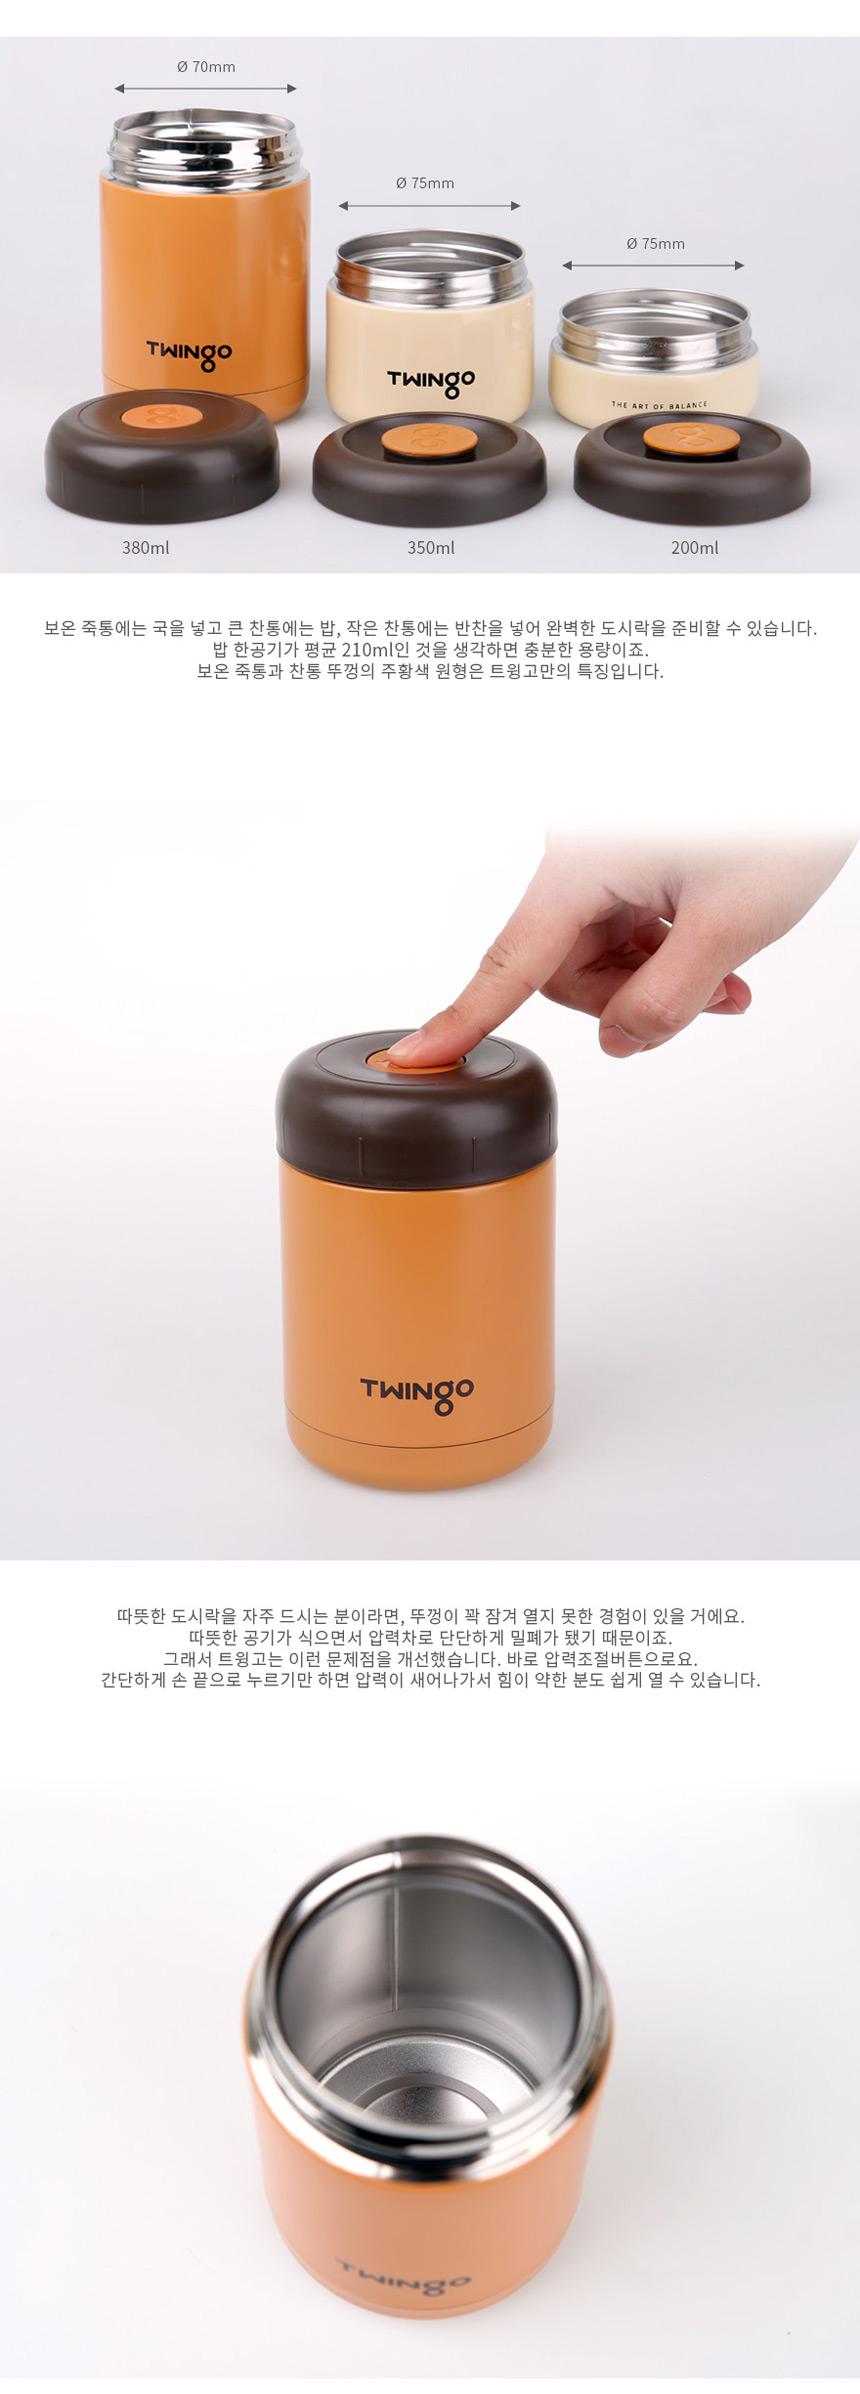 트윙고 크레마 보온도시락 세트 930ML - 토토리빙, 38,500원, 밀폐/보관용기, 보온 죽통